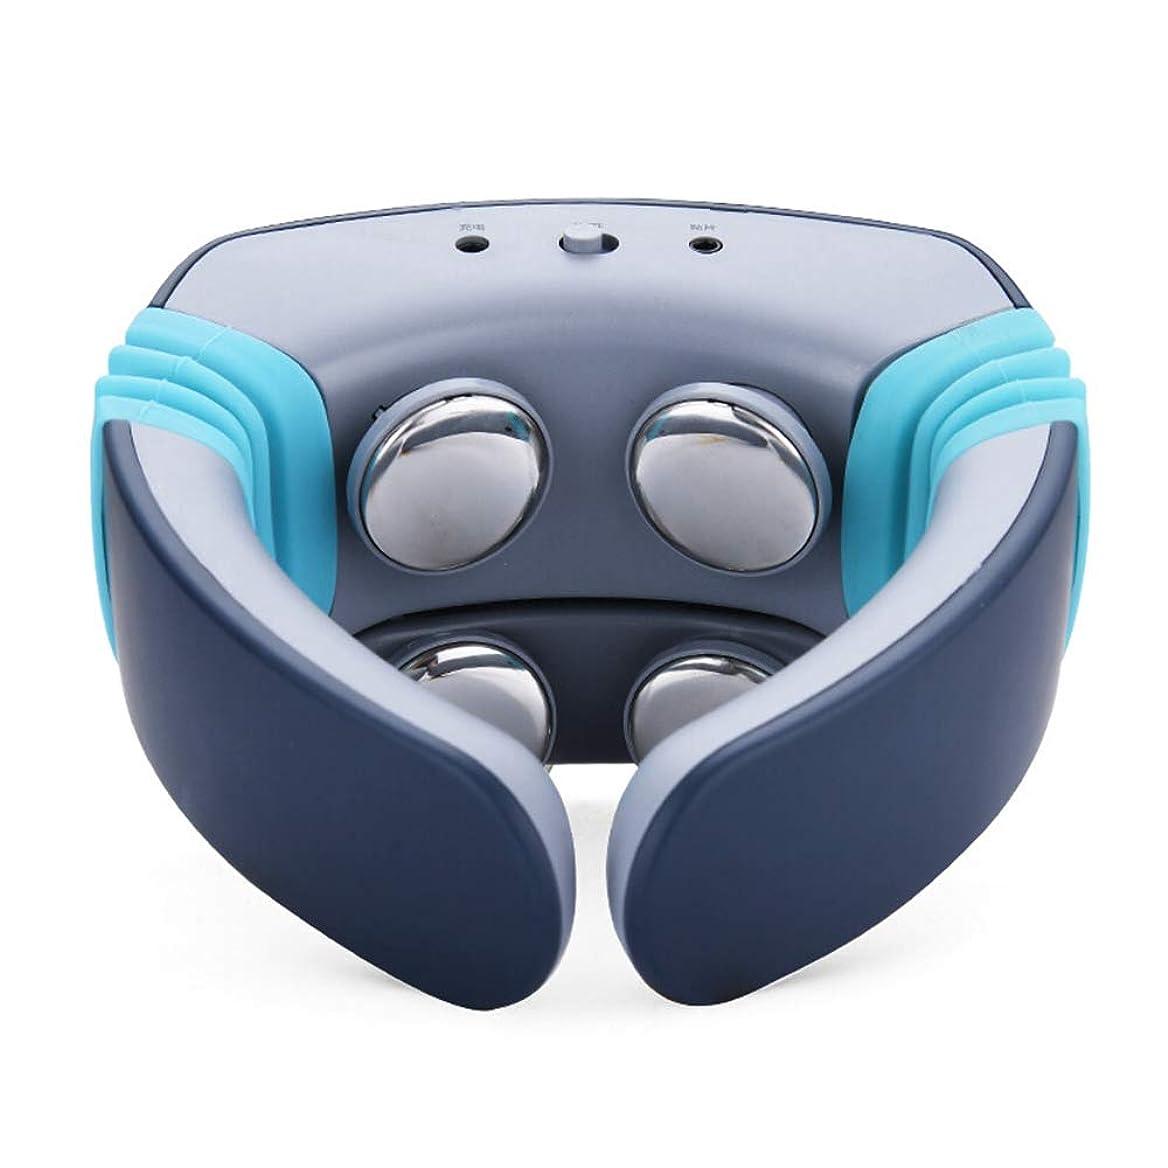 水差しお気に入りあいまいインテリジェント子宮頸マッサージャー-電気パルス子宮頸マッサージャー、4Dマグネットワイヤレスネックマッサージャー,ブルー